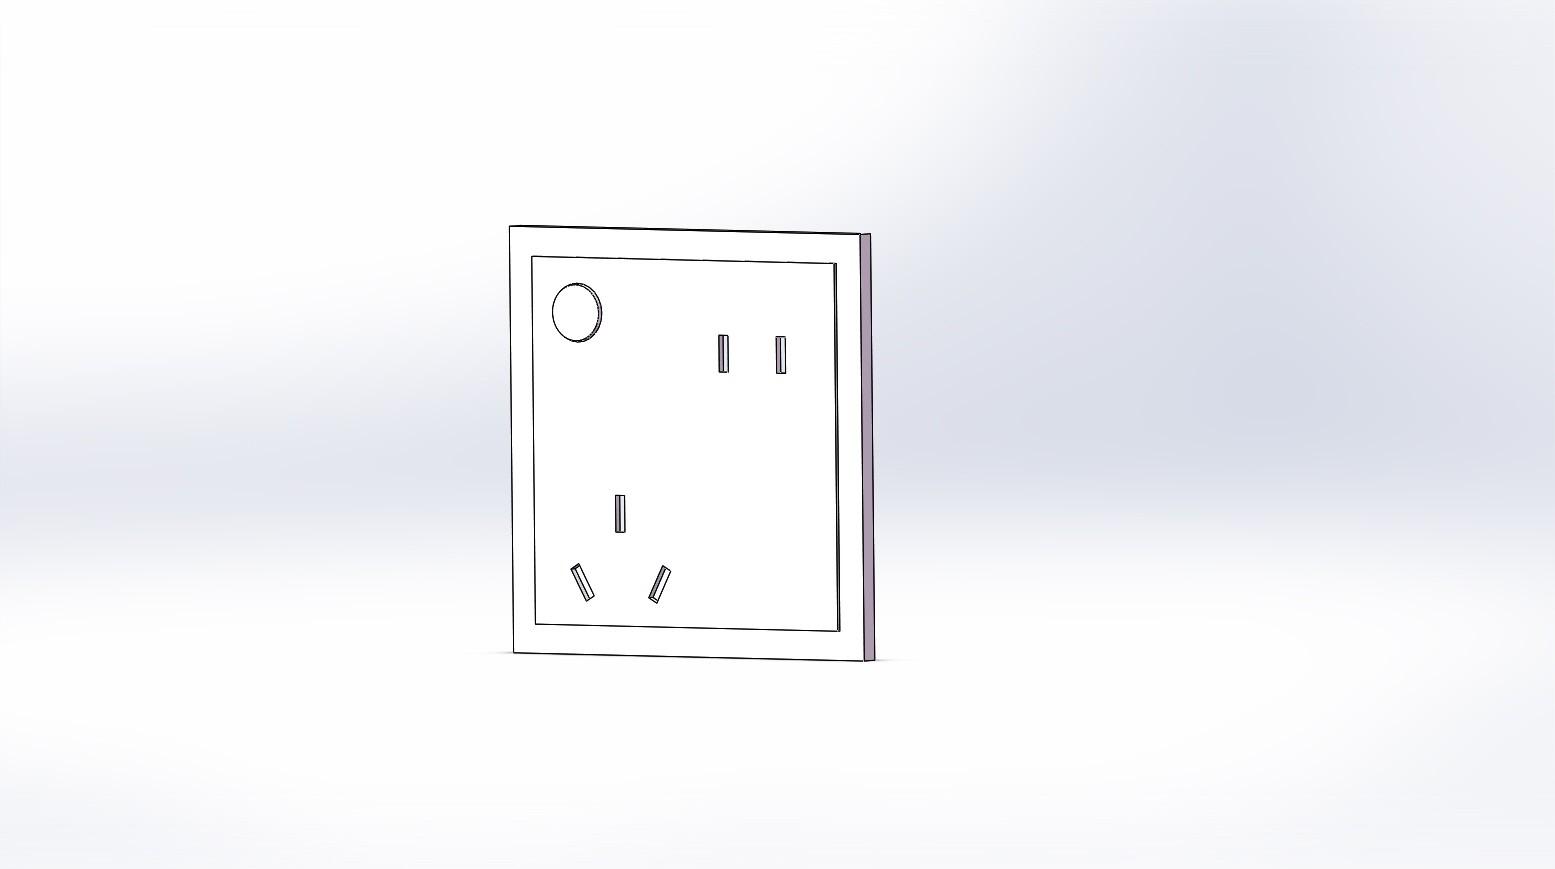 一种弹出式墙壁内嵌插座